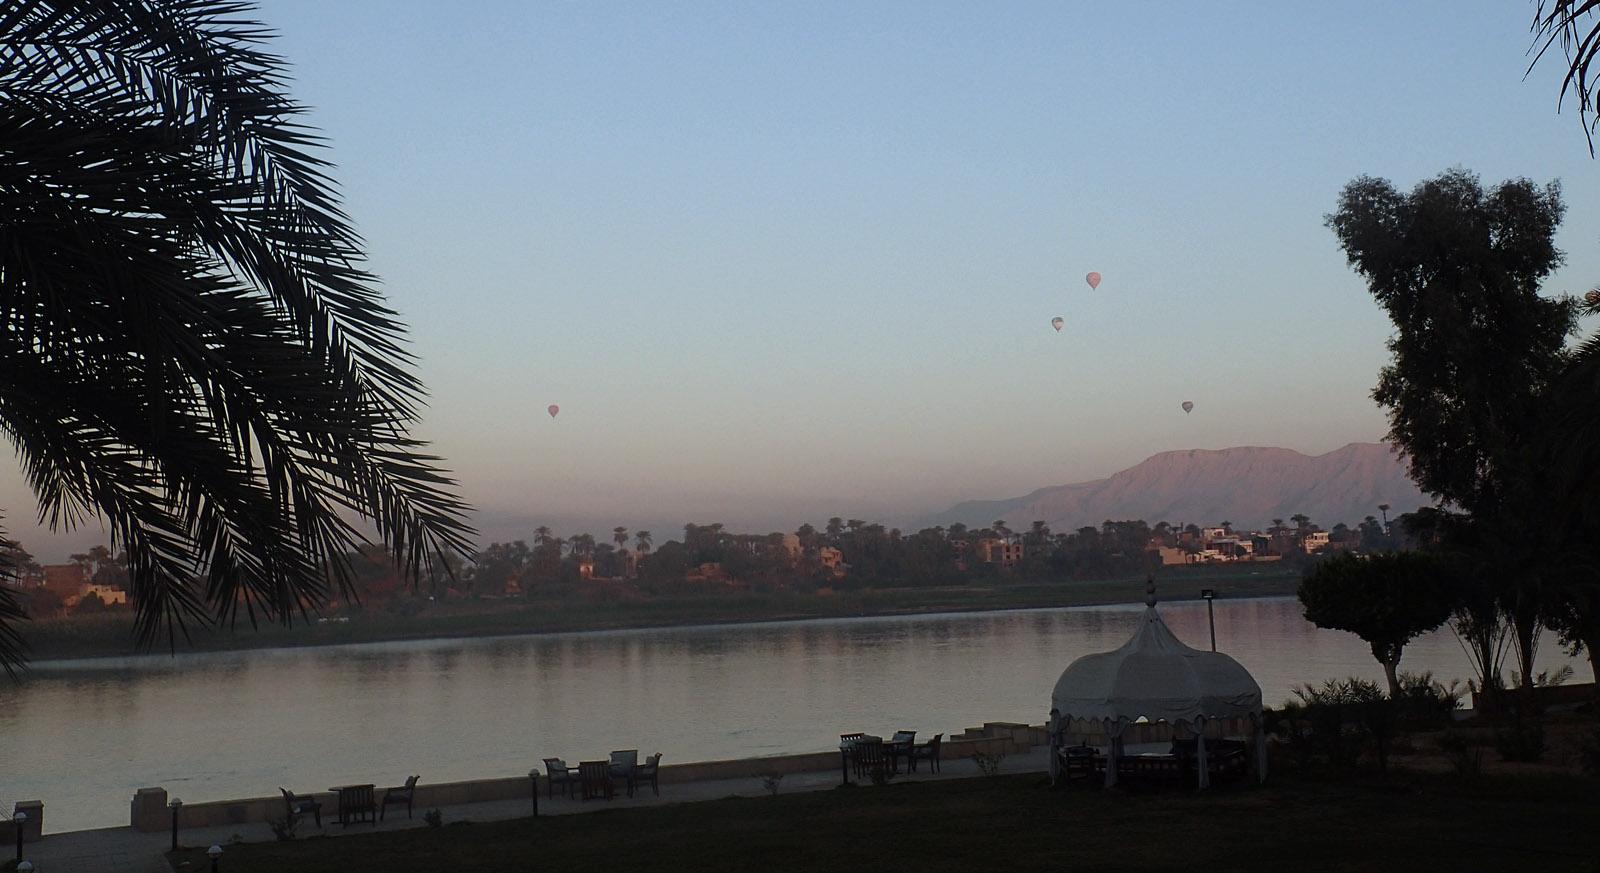 Balloons Luxor